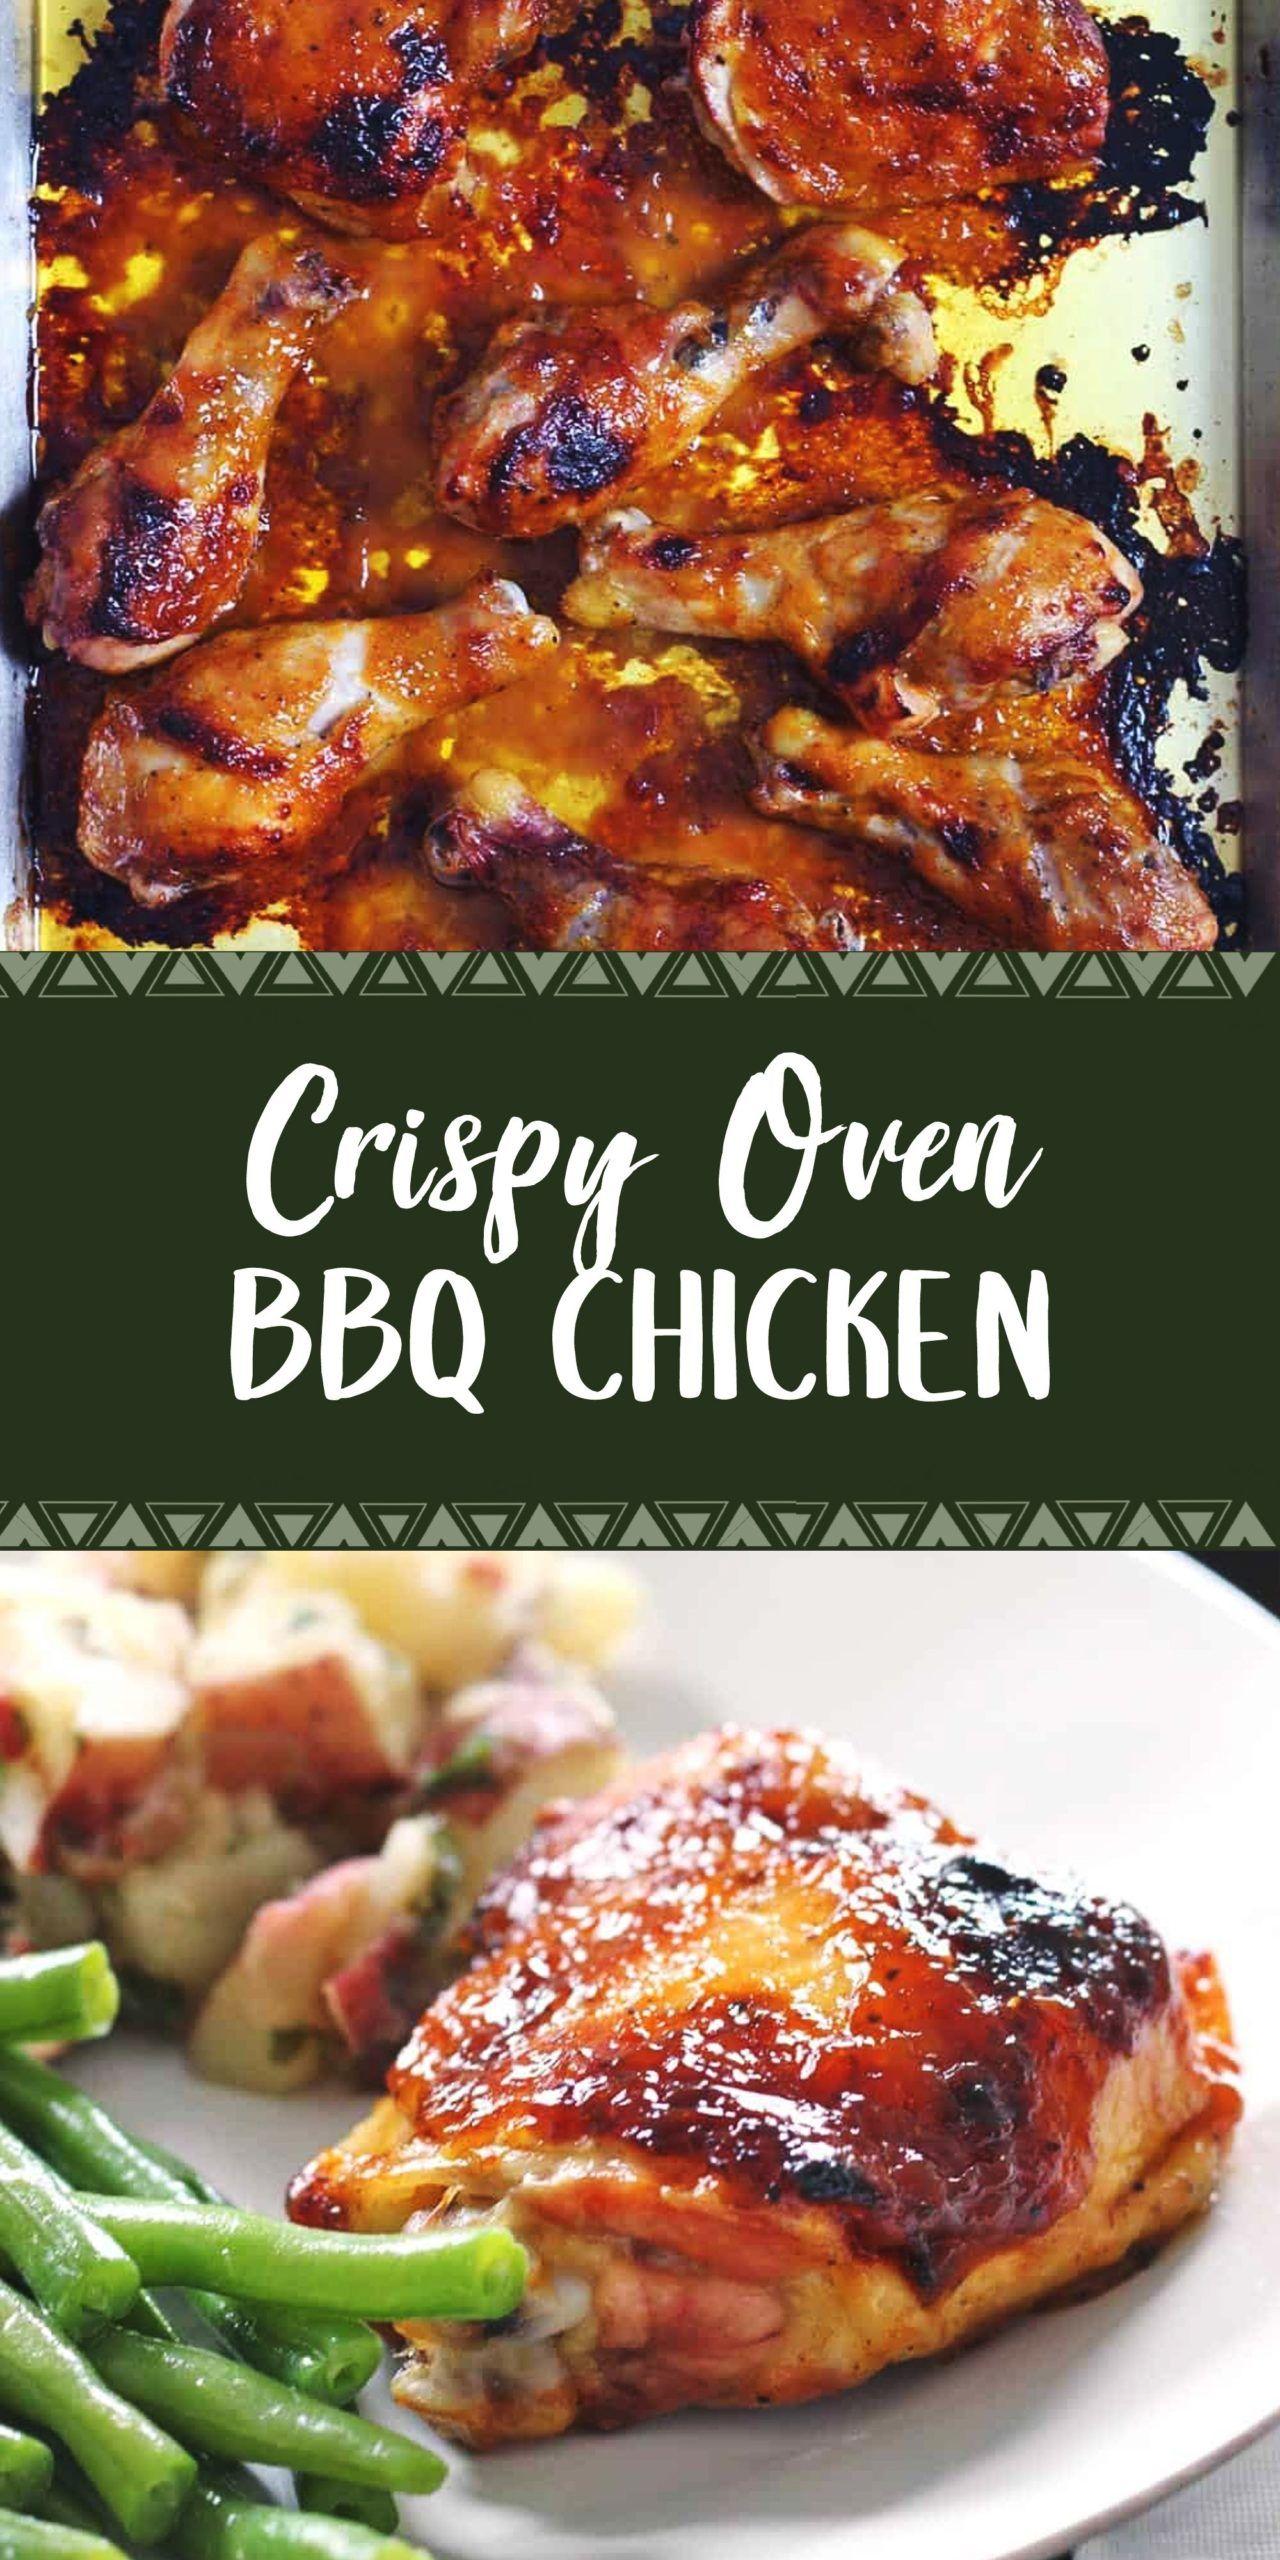 Crispy Oven Bbq Chicken Healthy Chicken Recipes Chicken Recipes Chicken Crockpot Recipes